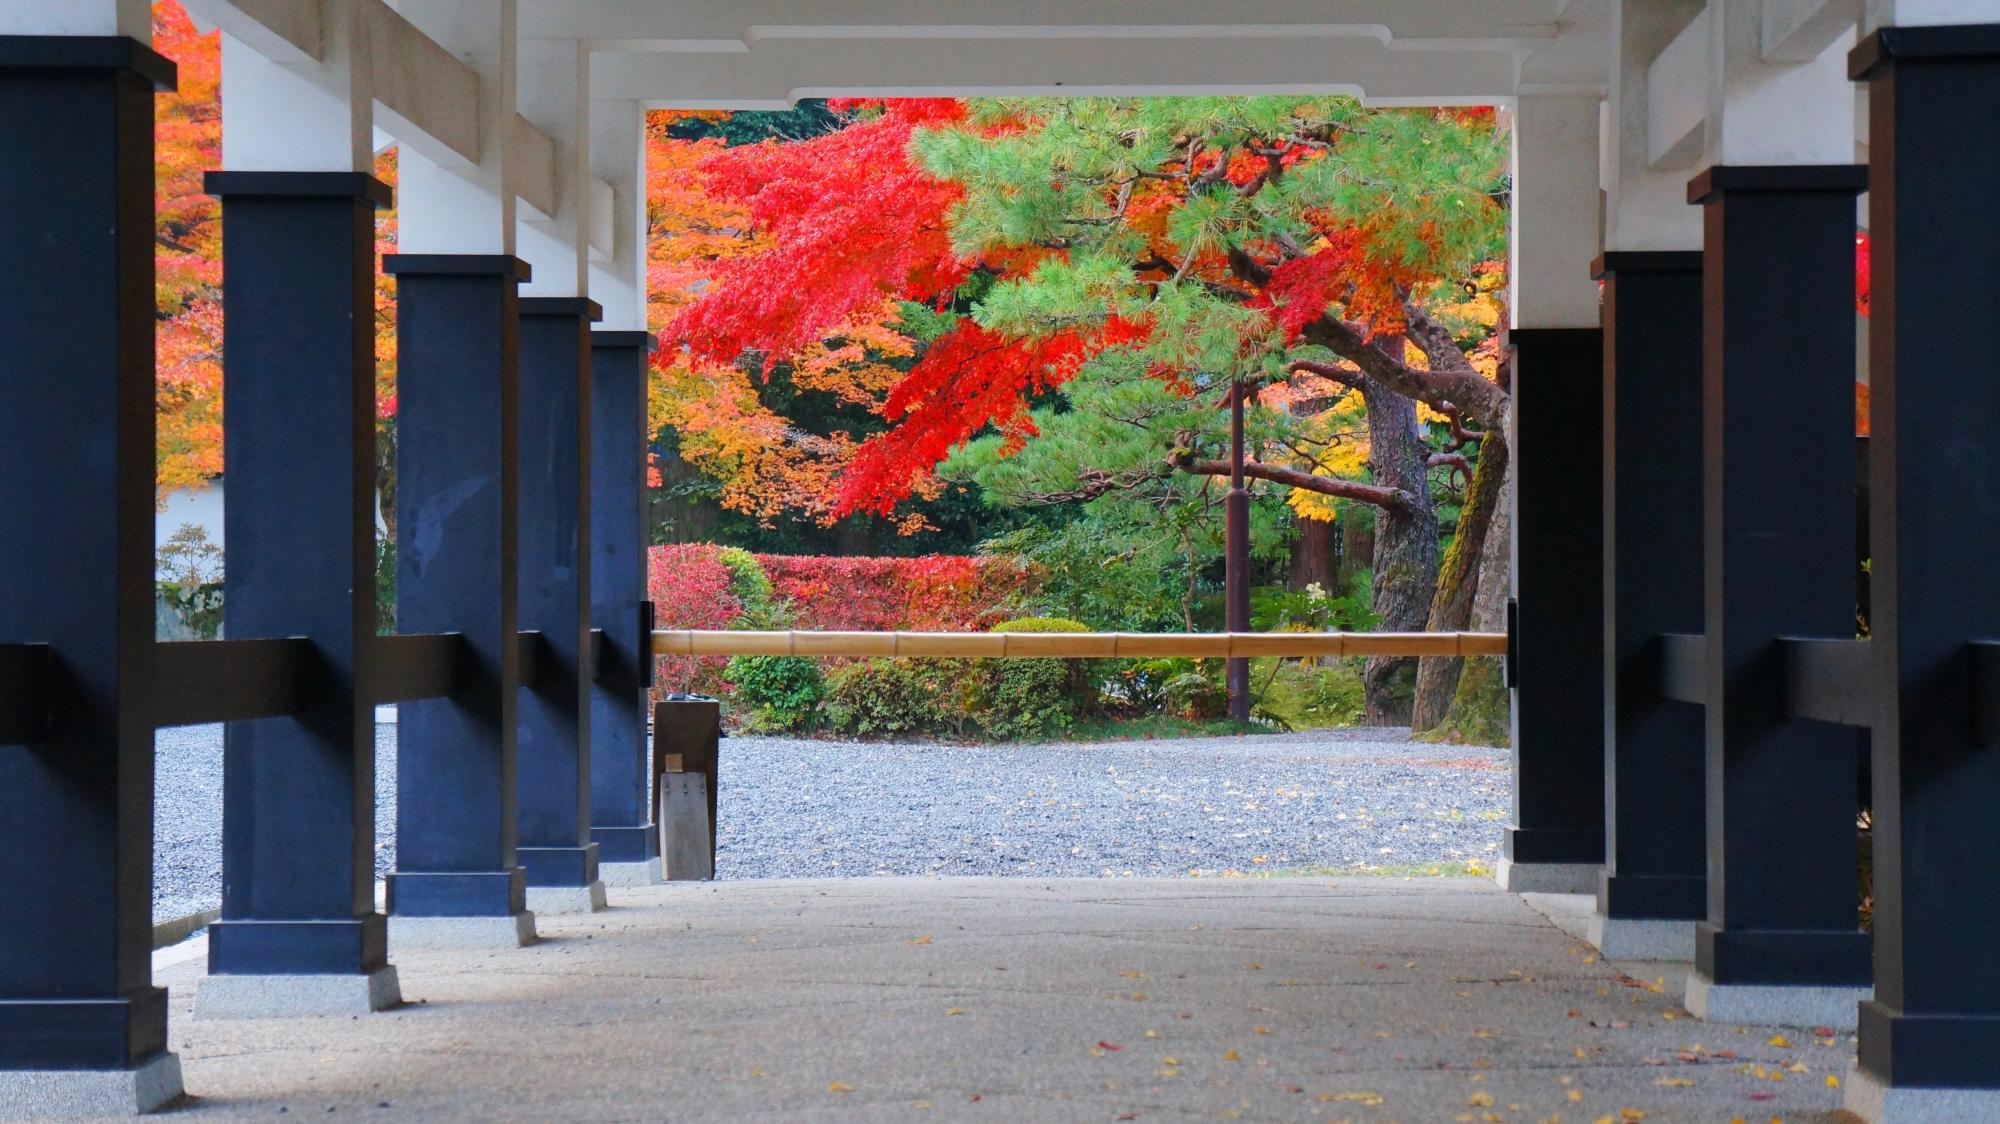 白と黒の独特の回廊を額縁とした南禅寺の多様な秋色